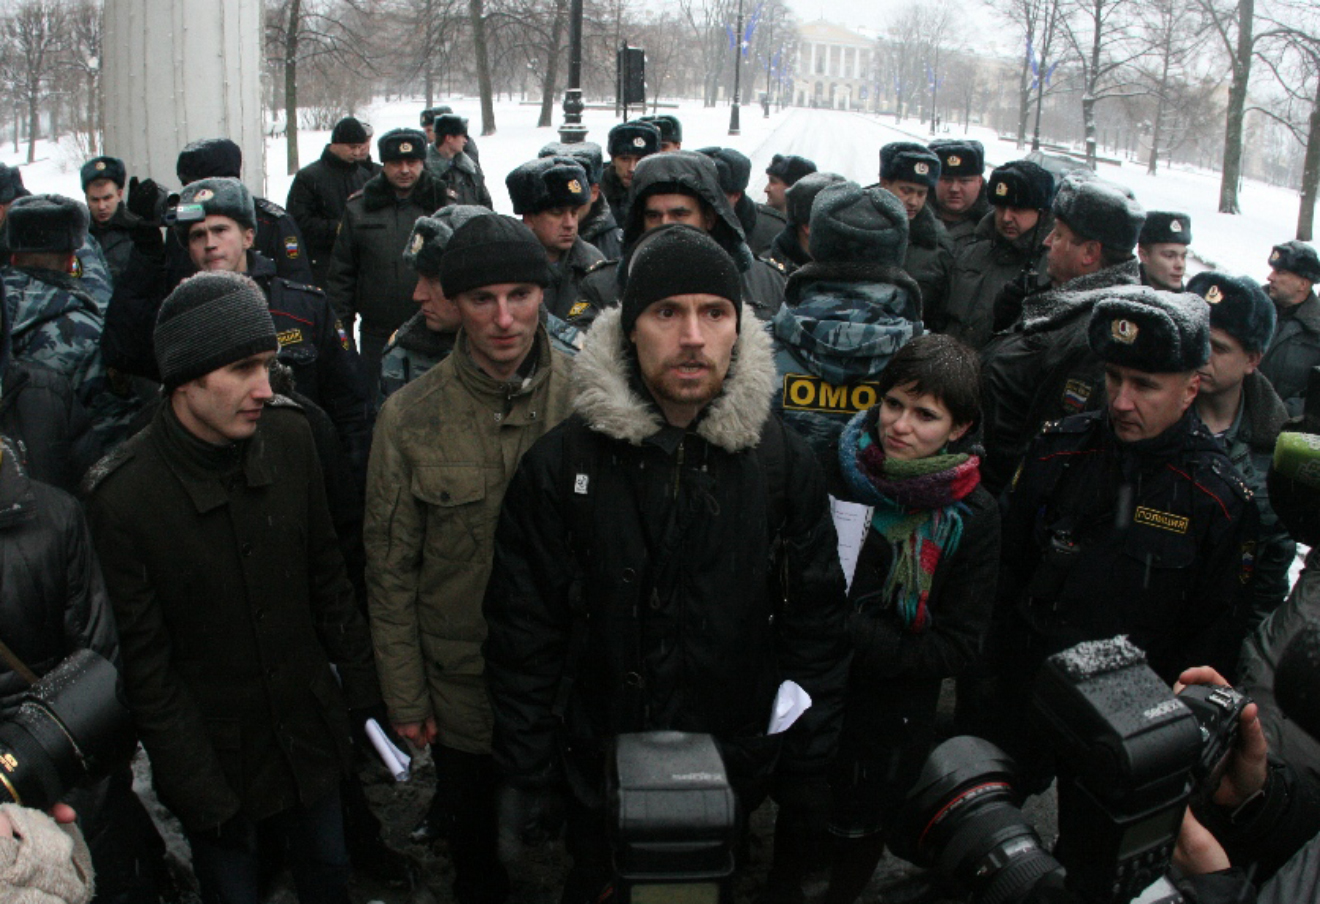 Митинг против новой системы дорожных сборов «Платон» в Санкт-Петербурге у Смольного.